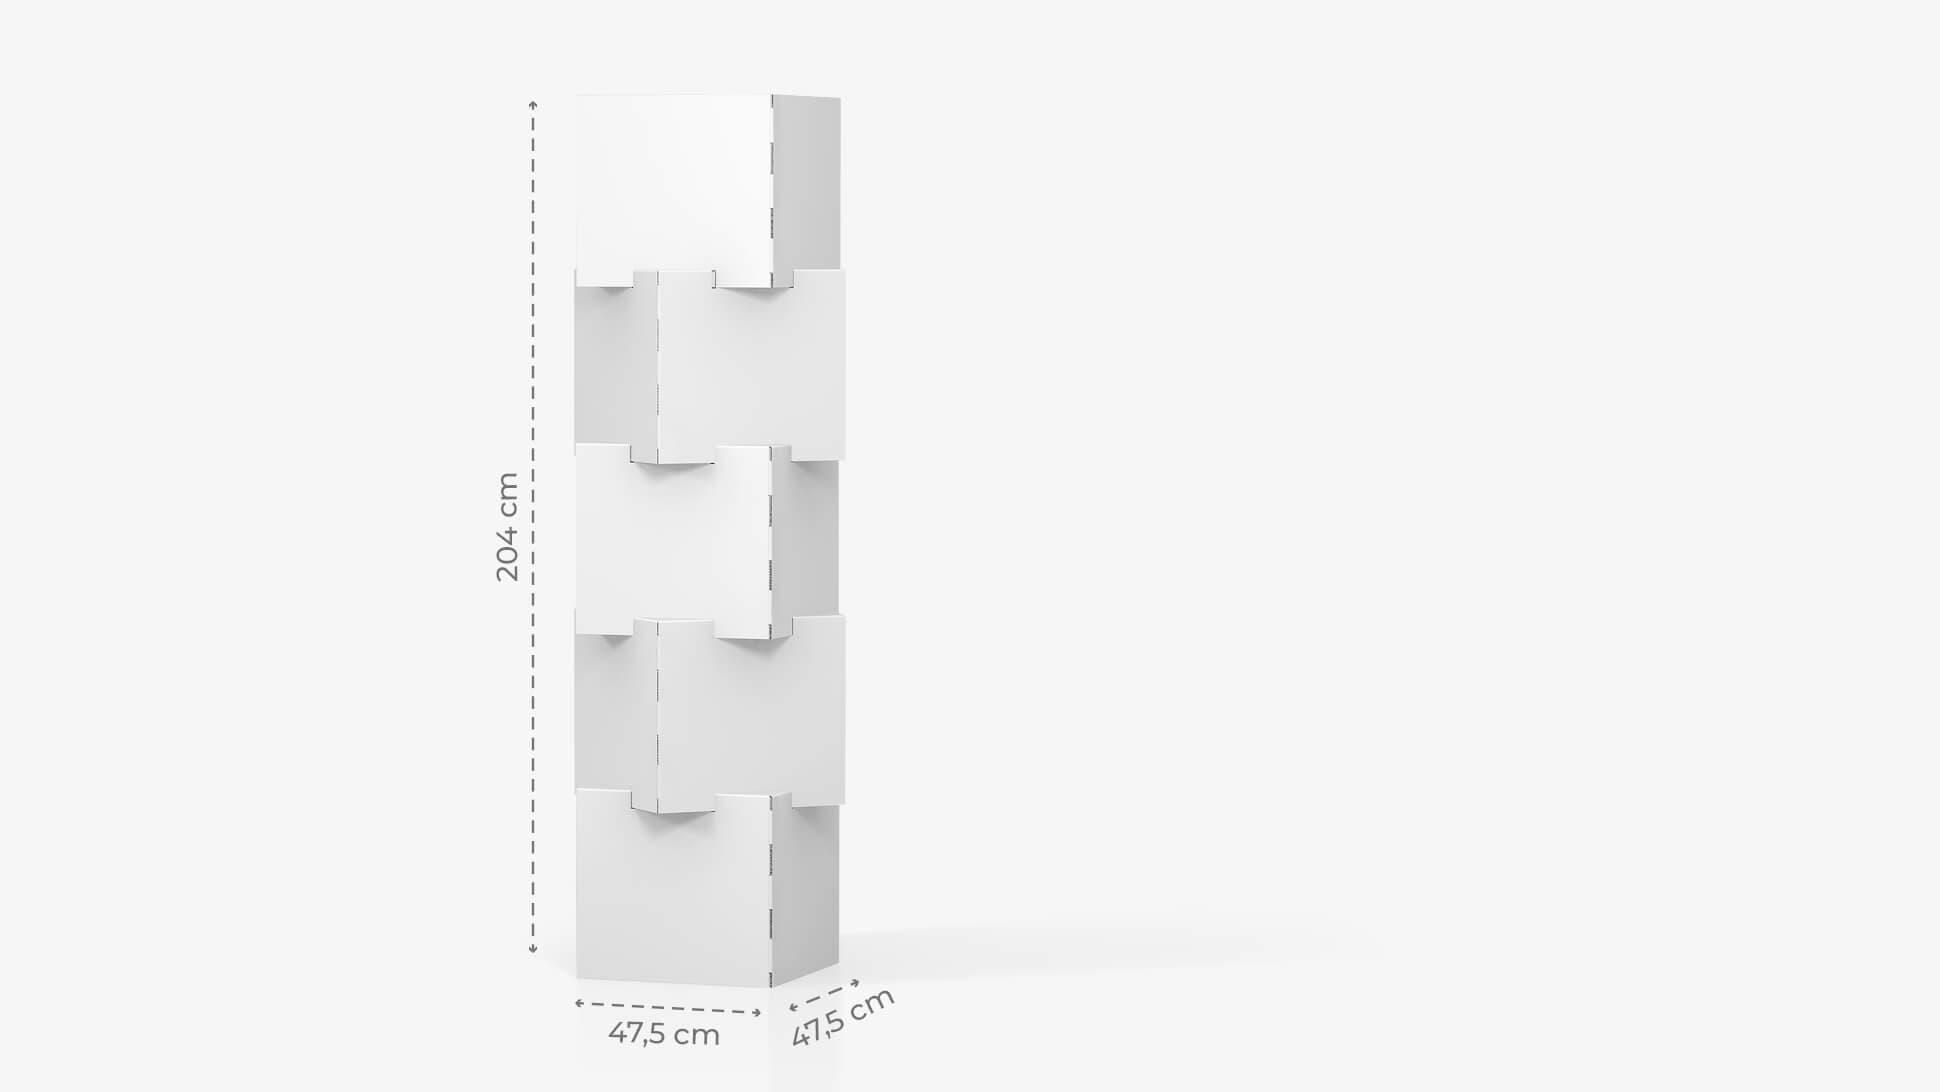 Espositore personalizzabile con 4 cubi sovrapposti h204 cm | tictac.it